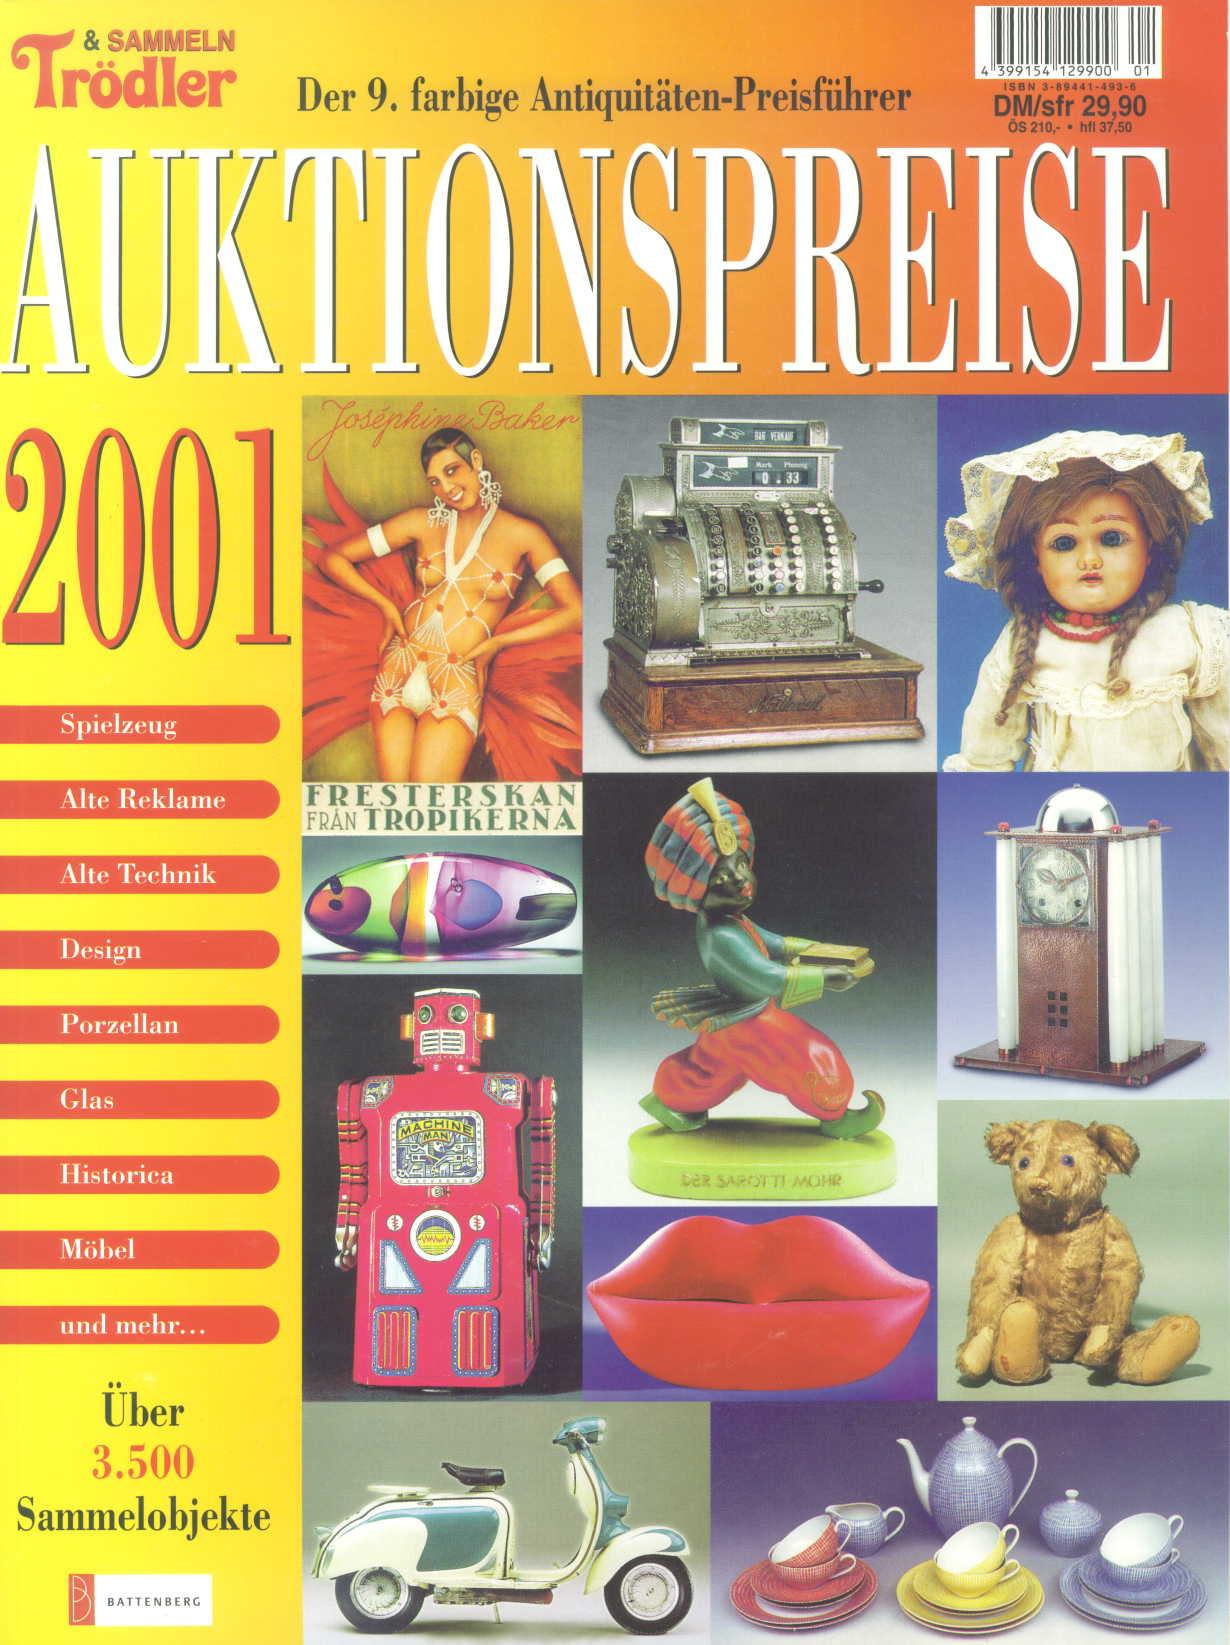 Auktionspreise 2001 9. Antiquitätenführer